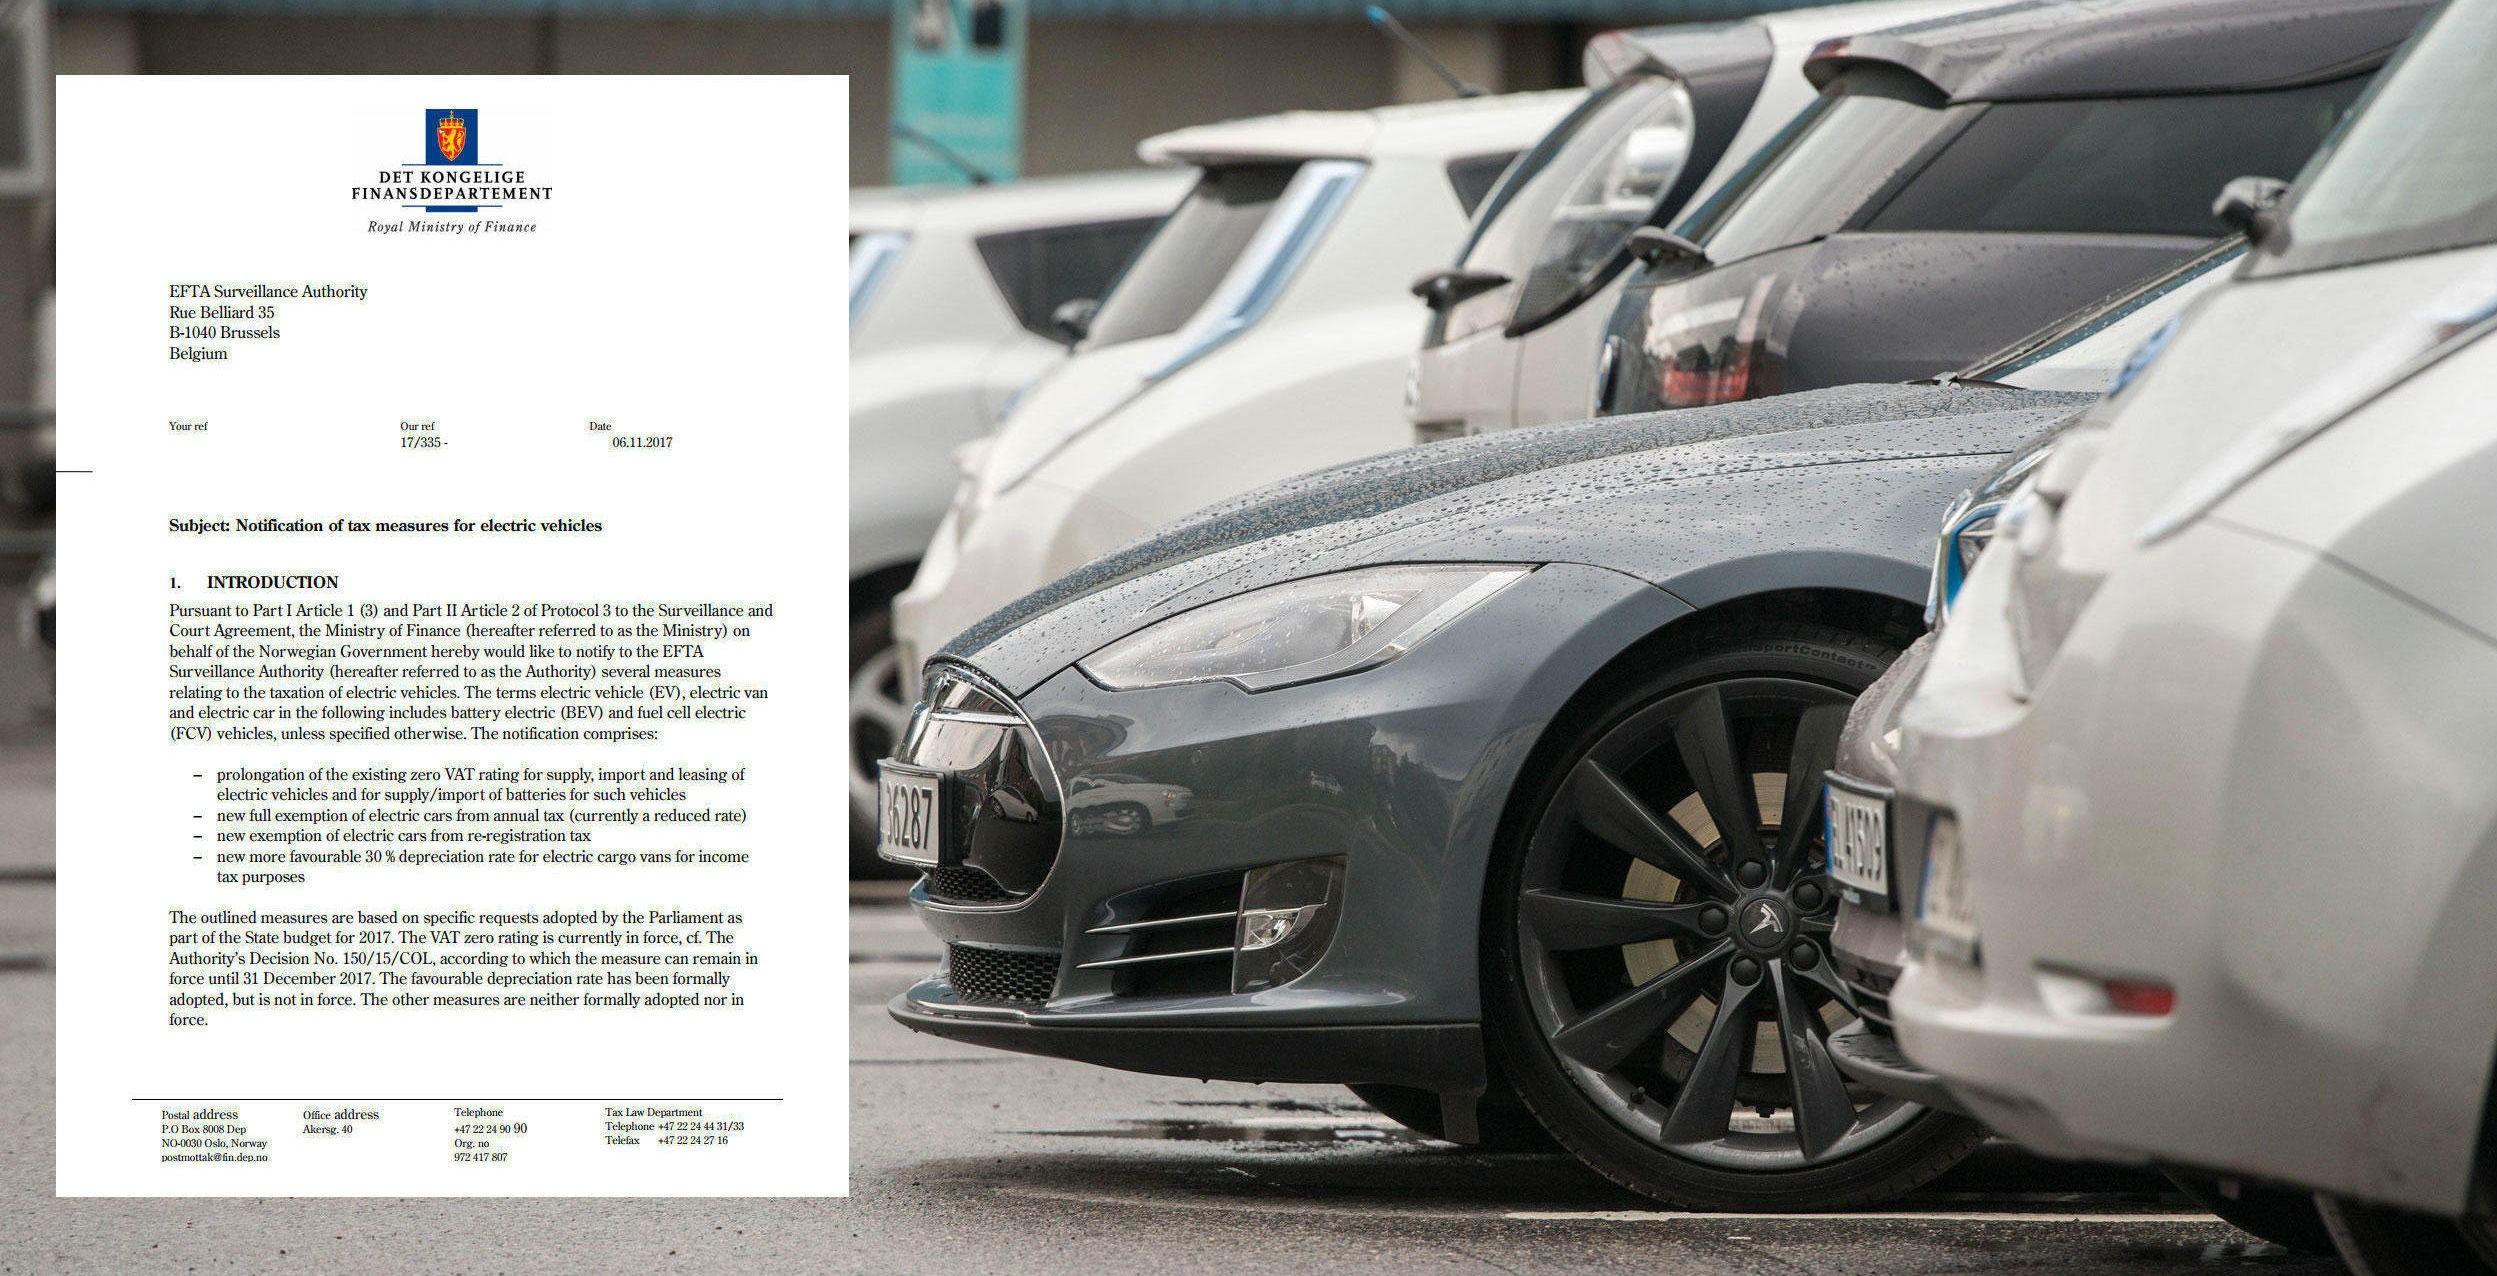 KAN FÅ STORE FØLGER: Regjeringen har nå sendt notifikasjon av skatte- og avgiftsfordeler for elbiler til ESA. Her ber de om forlengelse av det eksisterende fritaket for merverdiavgift på elbiler, økte avskrivingssatser for el-varebiler, samt nye fritak for elbiler i omregistreringsavgiften og trafikkforsikringsavgiften. Svarer ESA nei, vil det få store følger for prisene på elbiler i Norge.